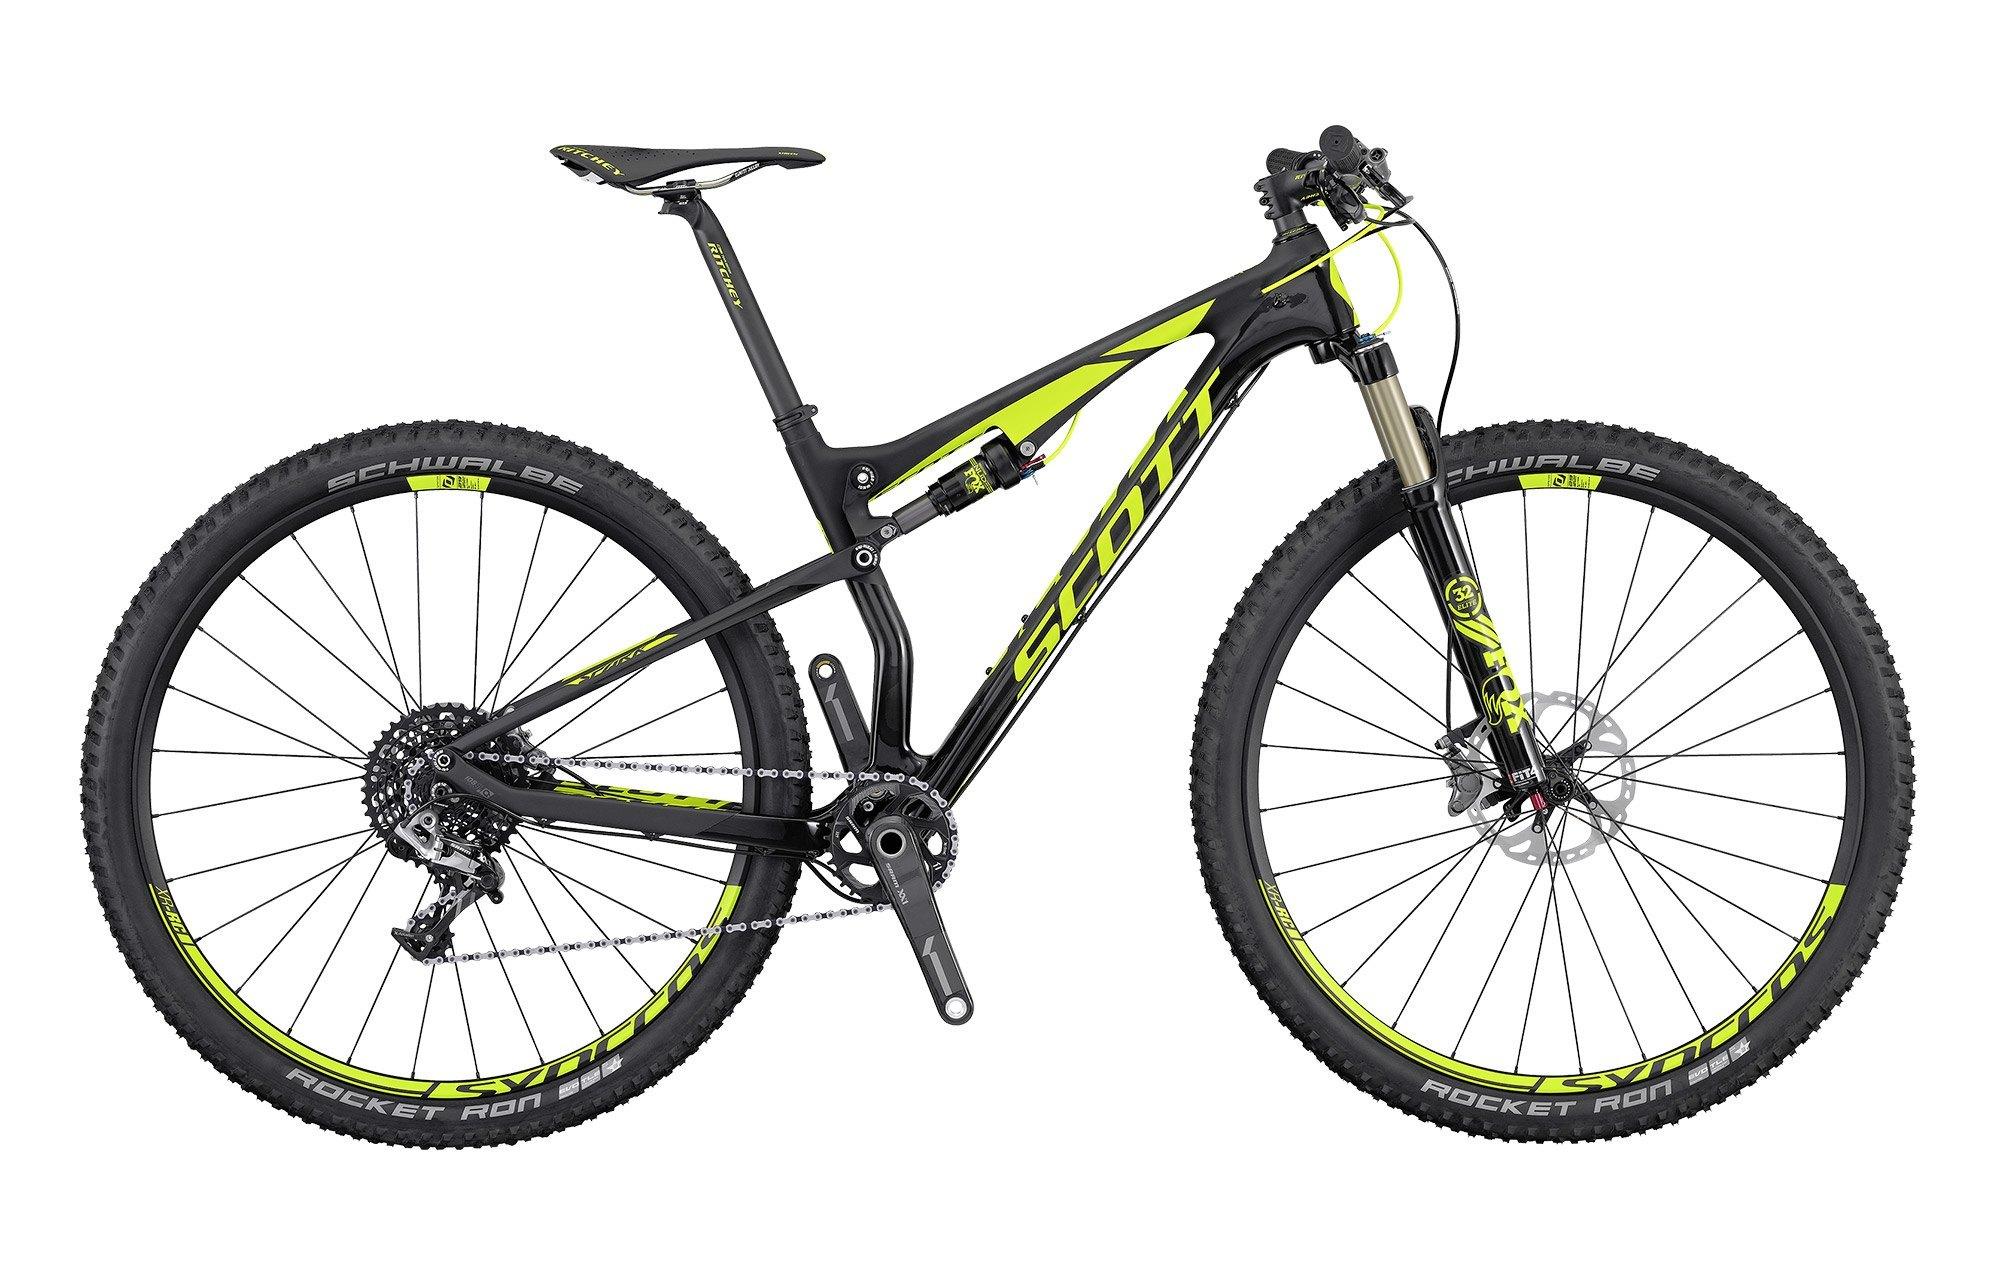 60932474847 2016 Scott Spark 900 RC Bike | R&A Cycles